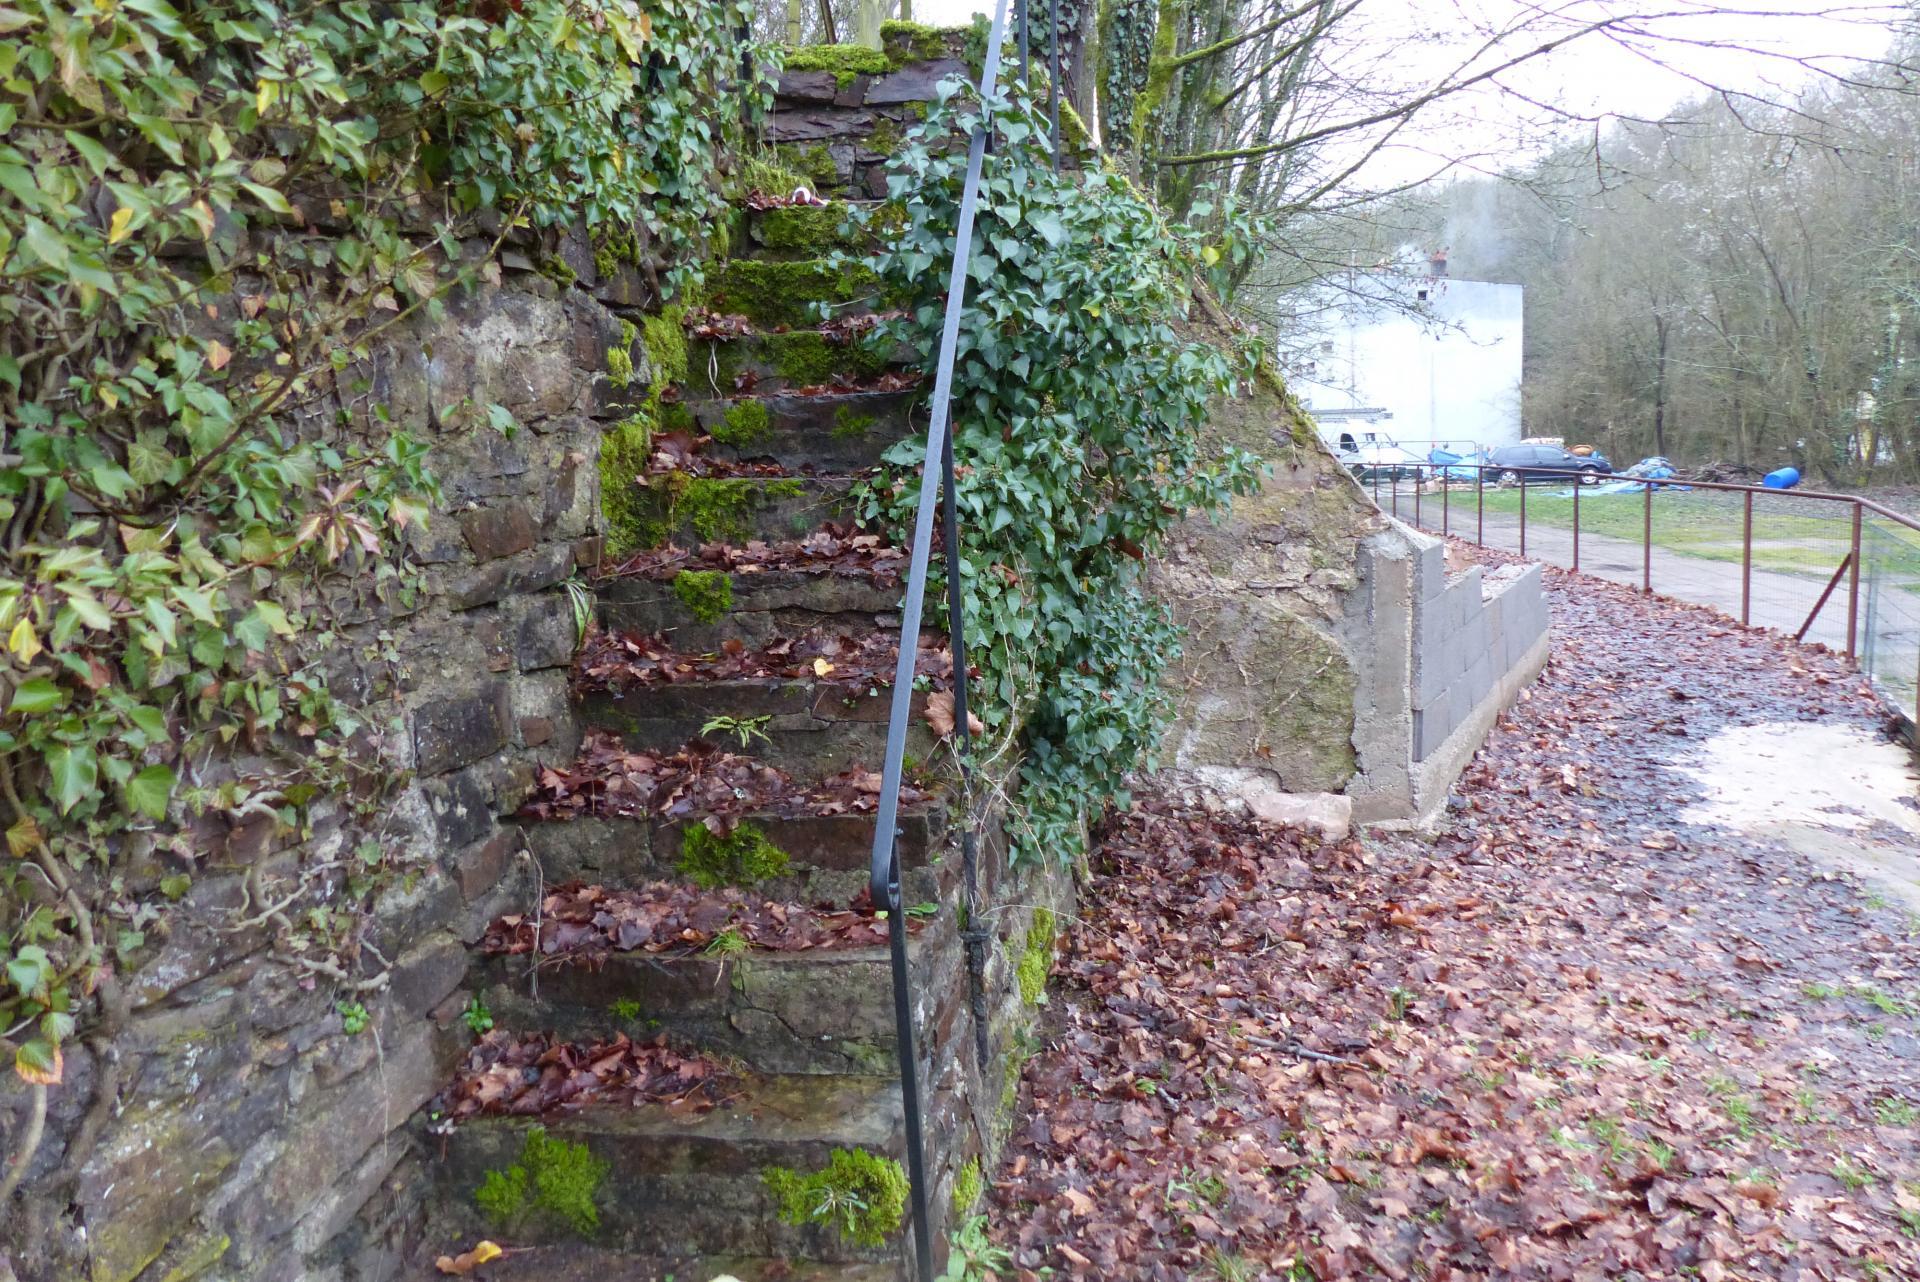 escalier menant au terrain de sport